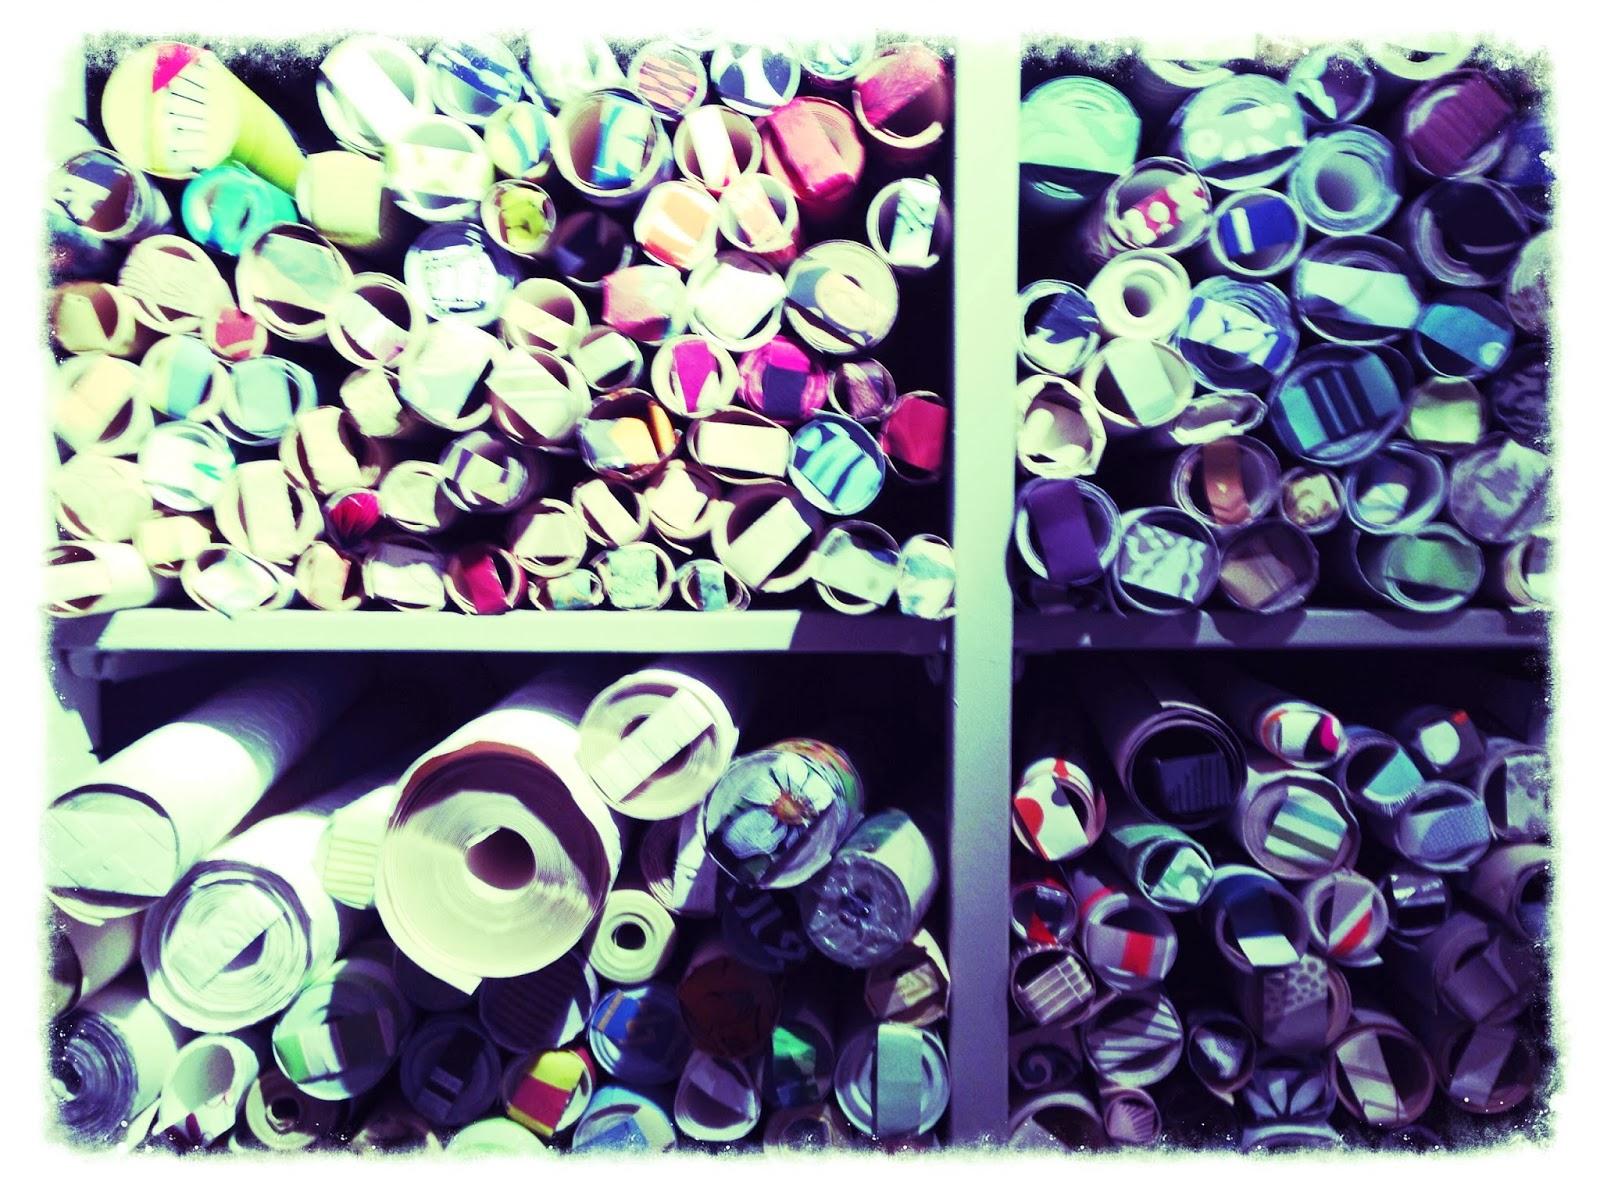 Tous nos papiers peints Au Fil des Couleurs - papier peint au fil des couleurs